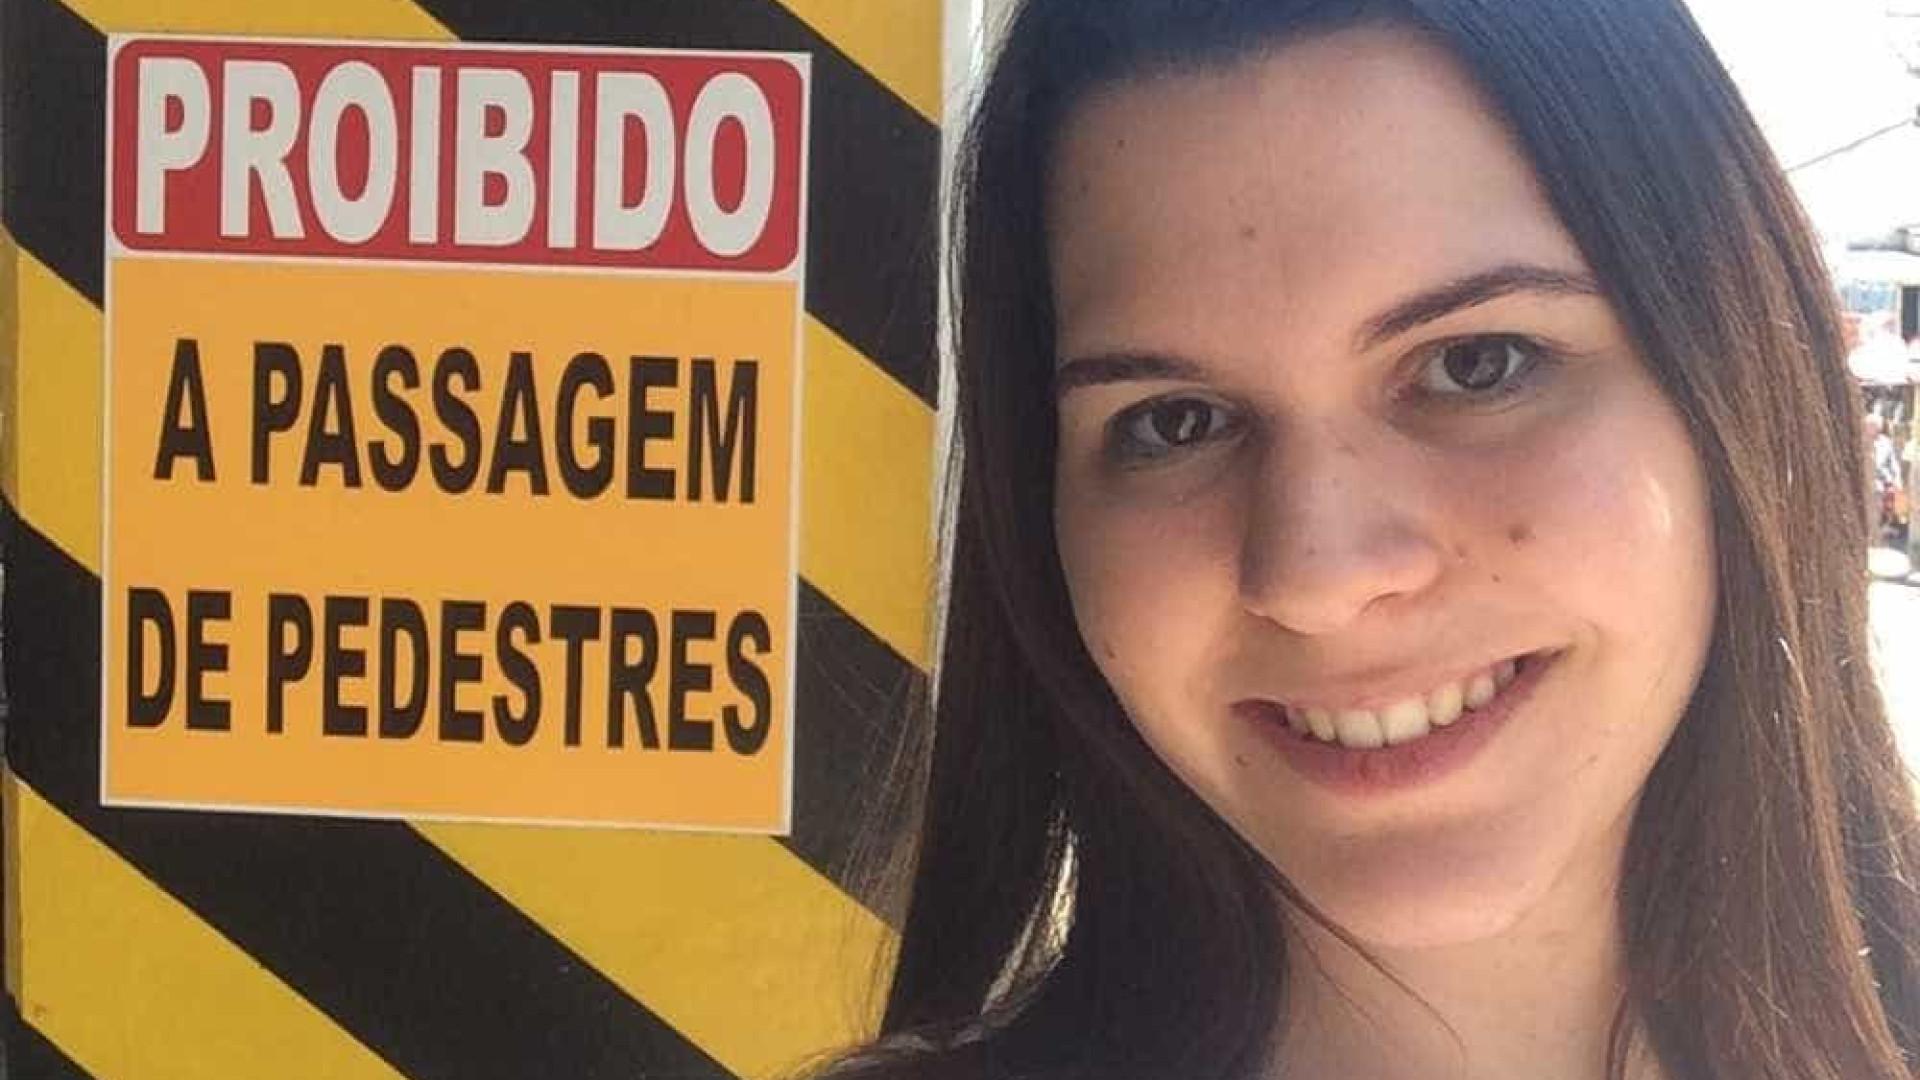 Mostra expõe placas em vias públicas com erros de português em SP